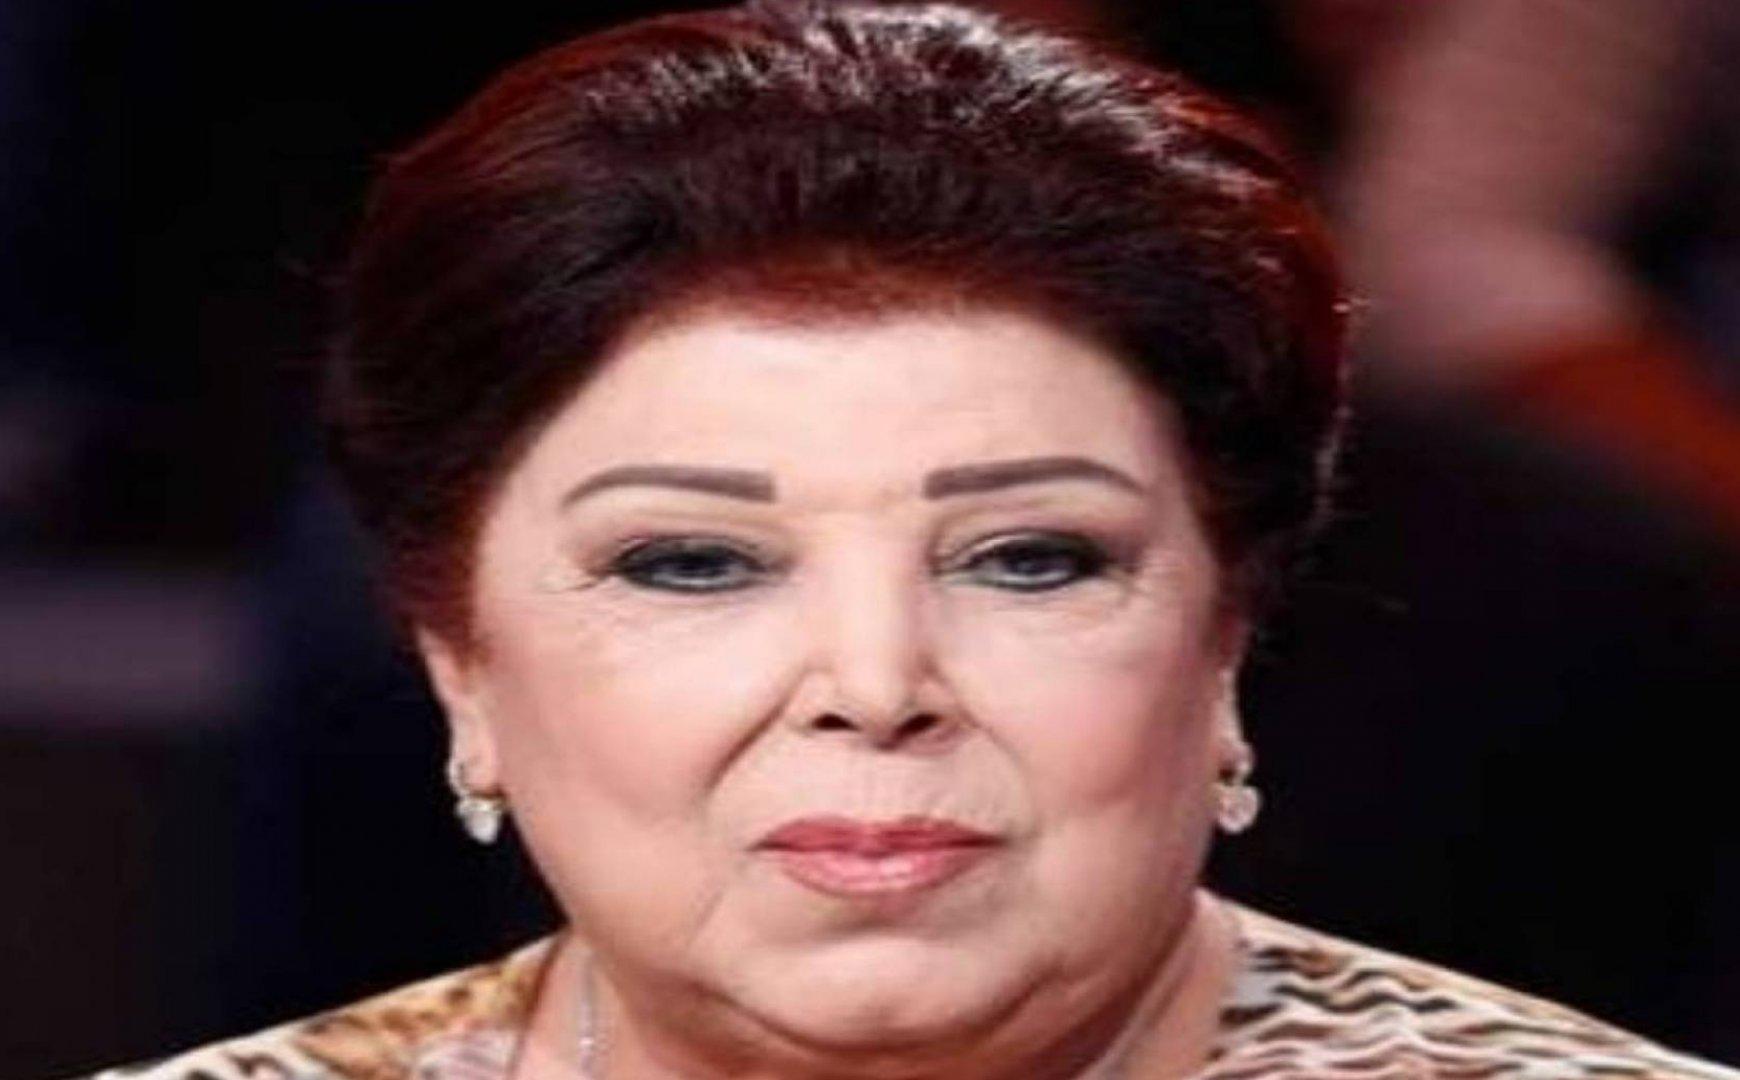 وفاة الفنانة رجاء الجداوي بعد معاناتها 43 يومًا فى العزل الصحى بسبب فيروس كورونا